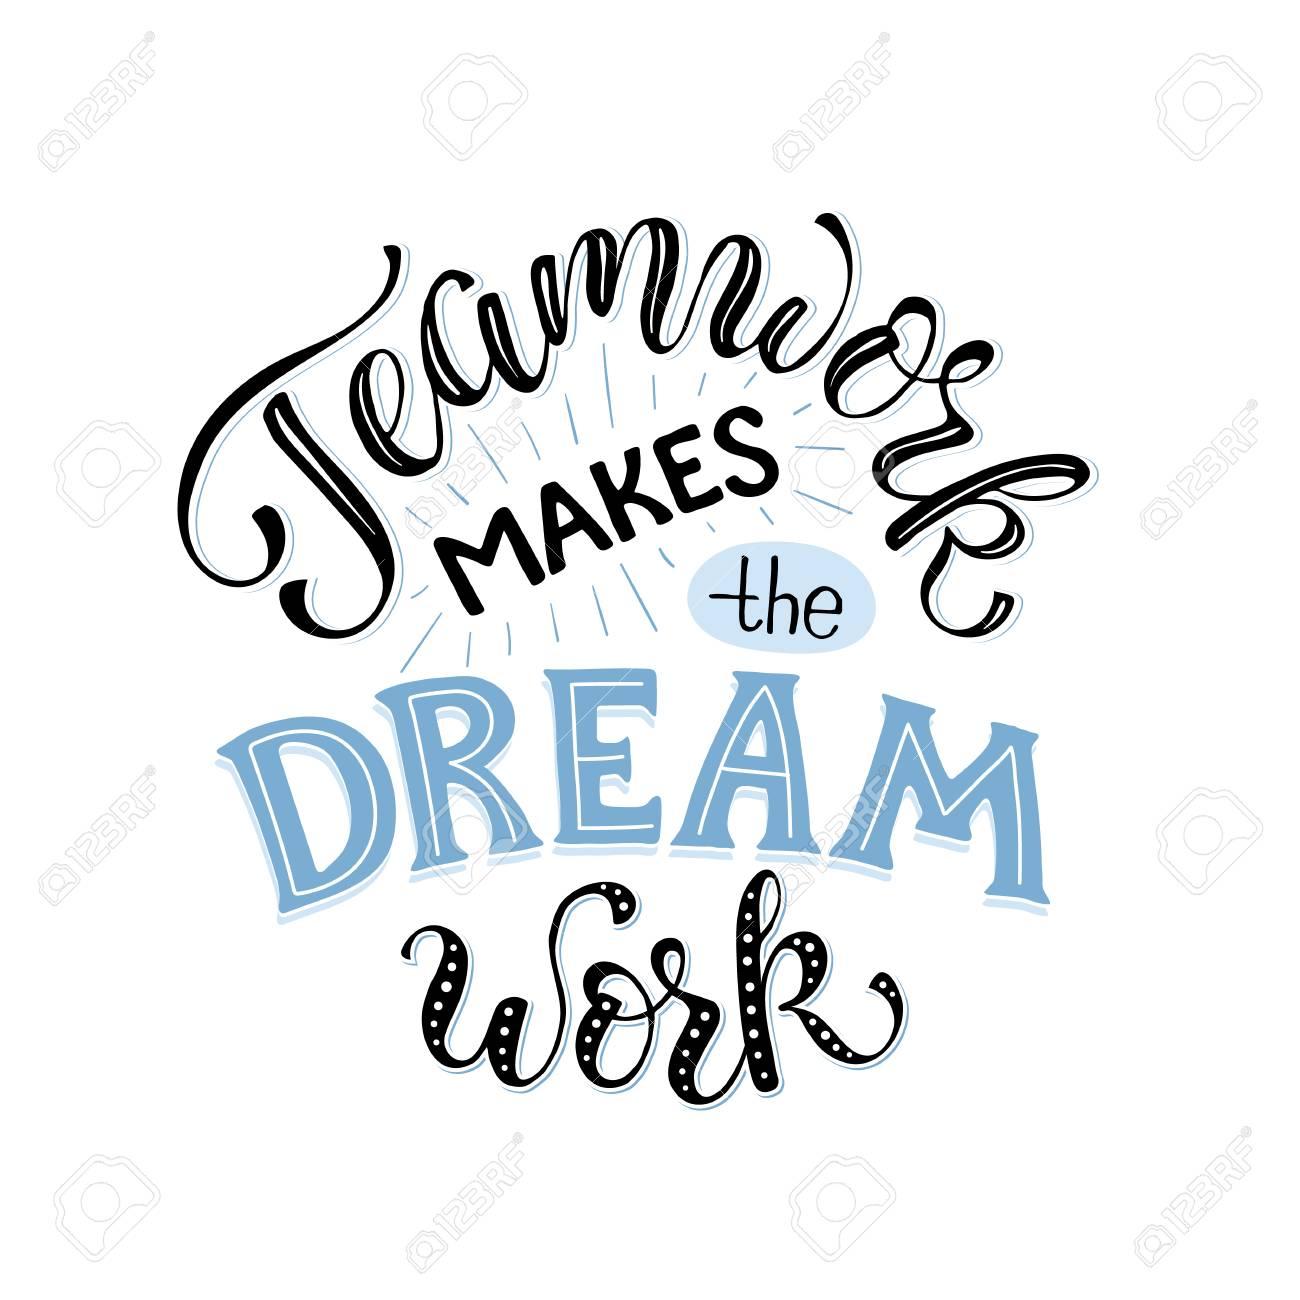 O Trabalho Em Equipe Faz O Sonho Funcionar Letras Inspiradoras Na Composição Do Círculo Sobre Colaboração De Equipe Cartaz Motivacional Sobre A